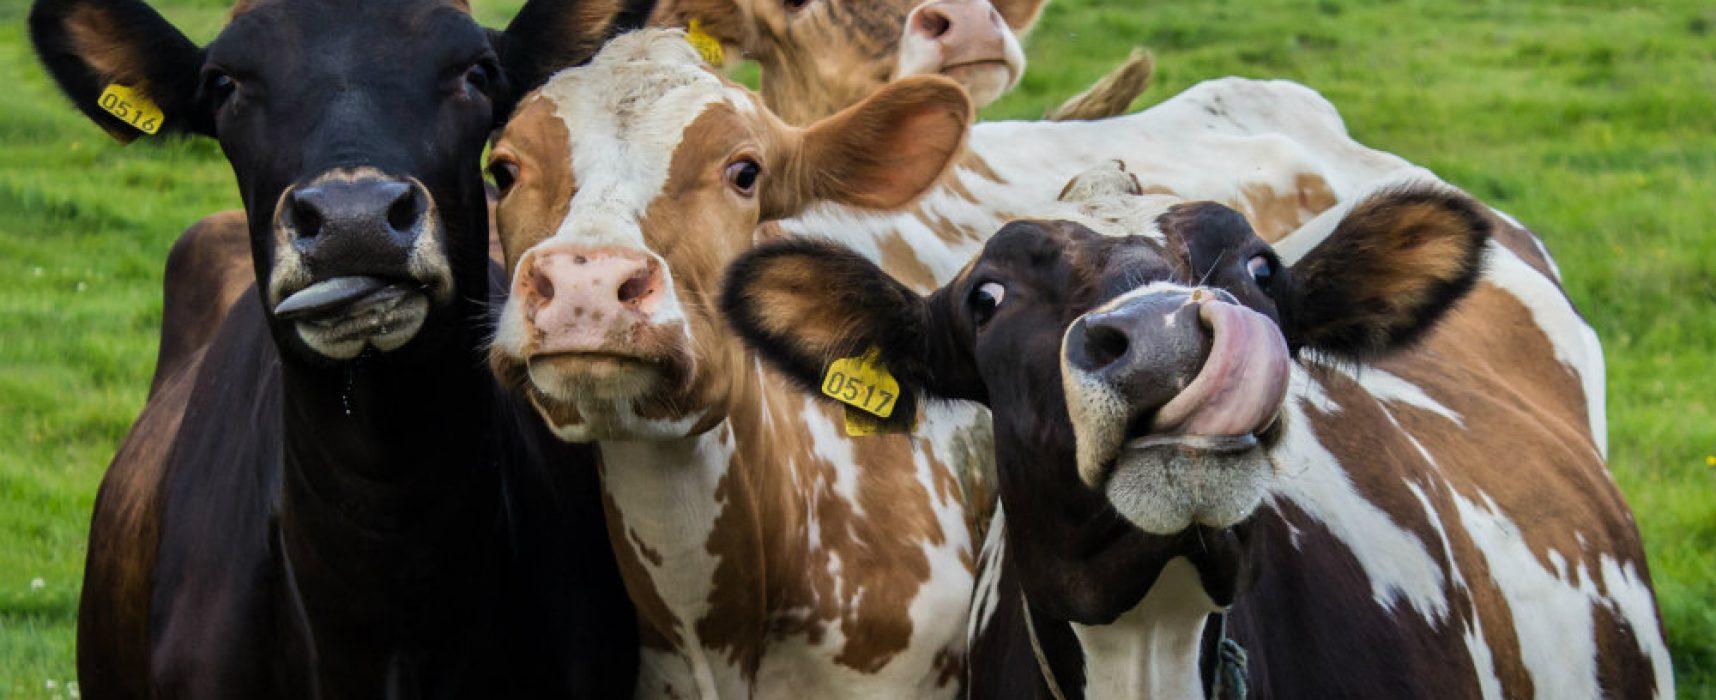 Фейк РИА «Новости»: Грета Тунберг объявляет войну белым мужчинам, а американские демократы собираются истребить всех коров